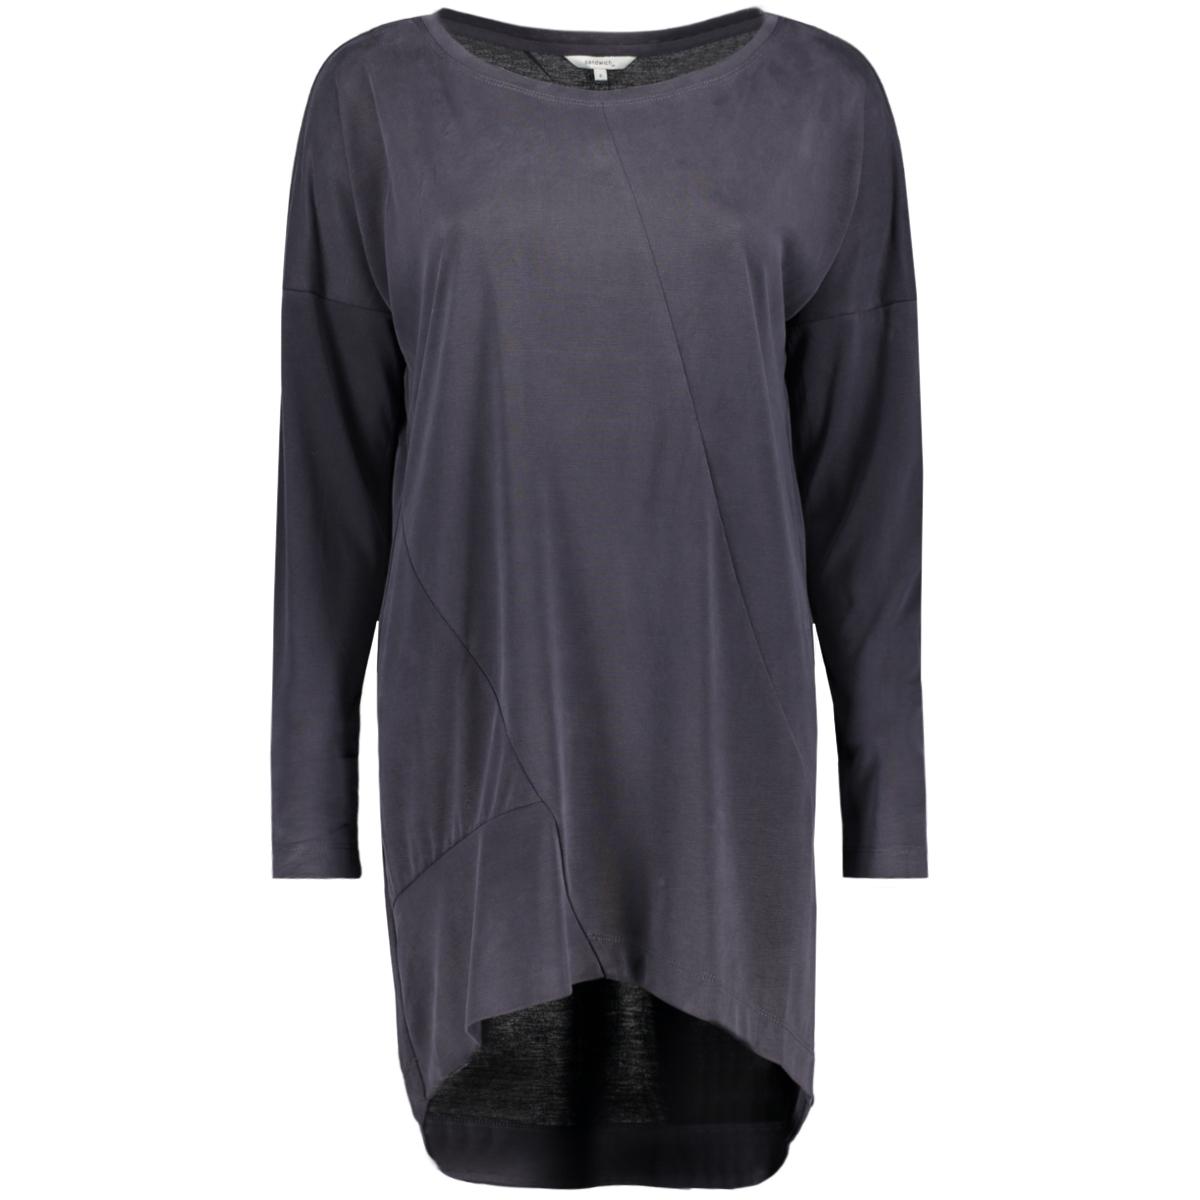 21101504 sandwich t-shirt 80041